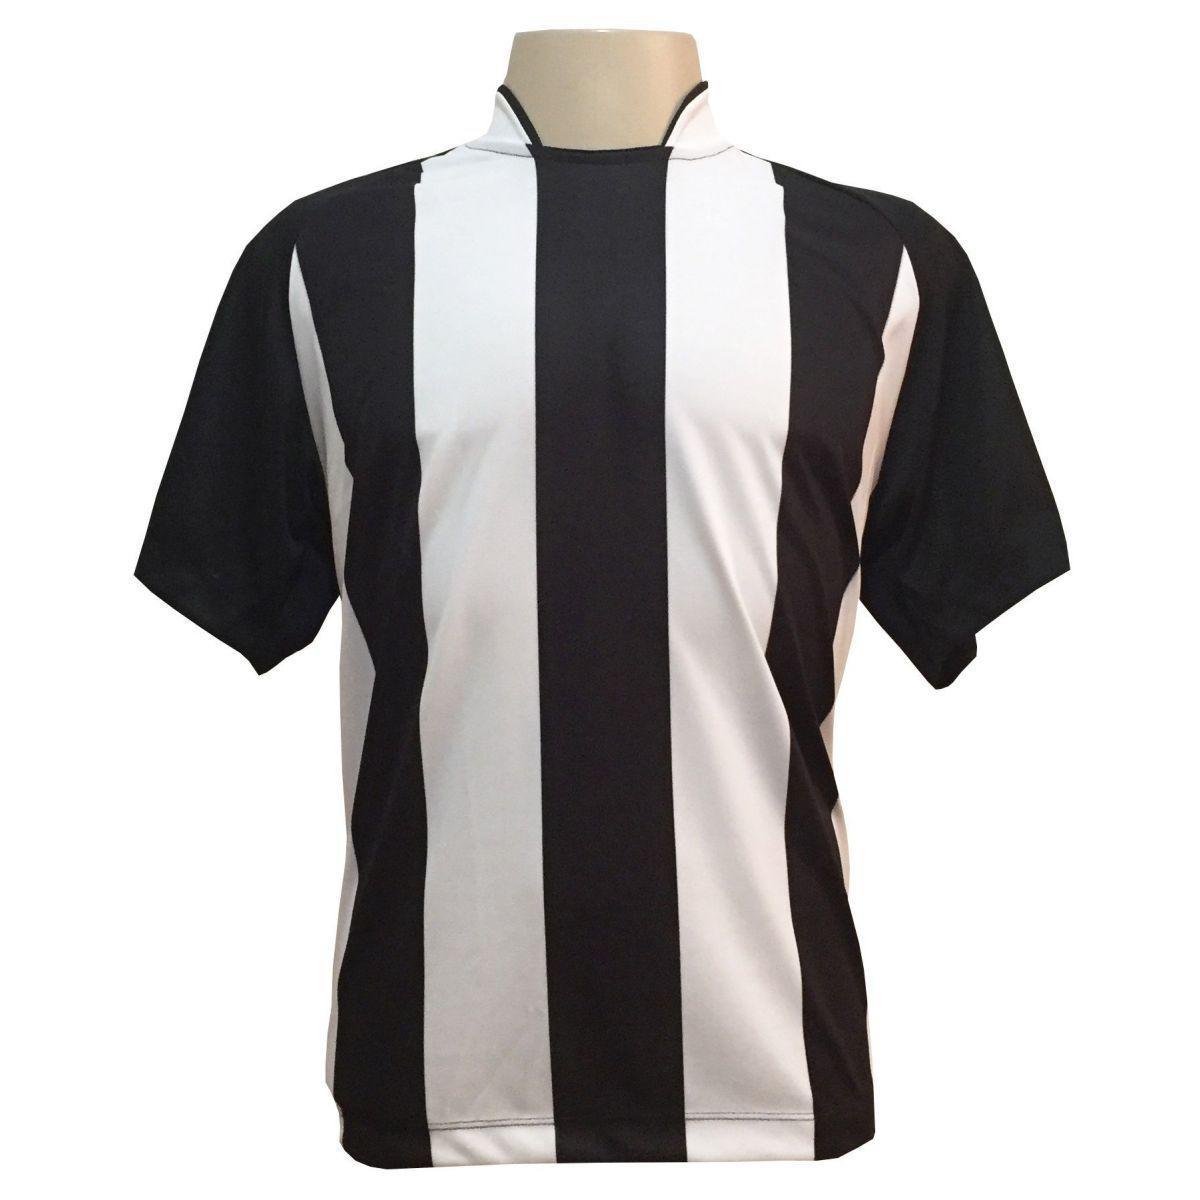 Uniforme Esportivo com 18 camisas modelo Milan Preto Branco + 18 calções  modelo Madrid + 1 Goleiro + Brindes - Play fair - Futebol - Magazine Luiza 428a469bed3e7